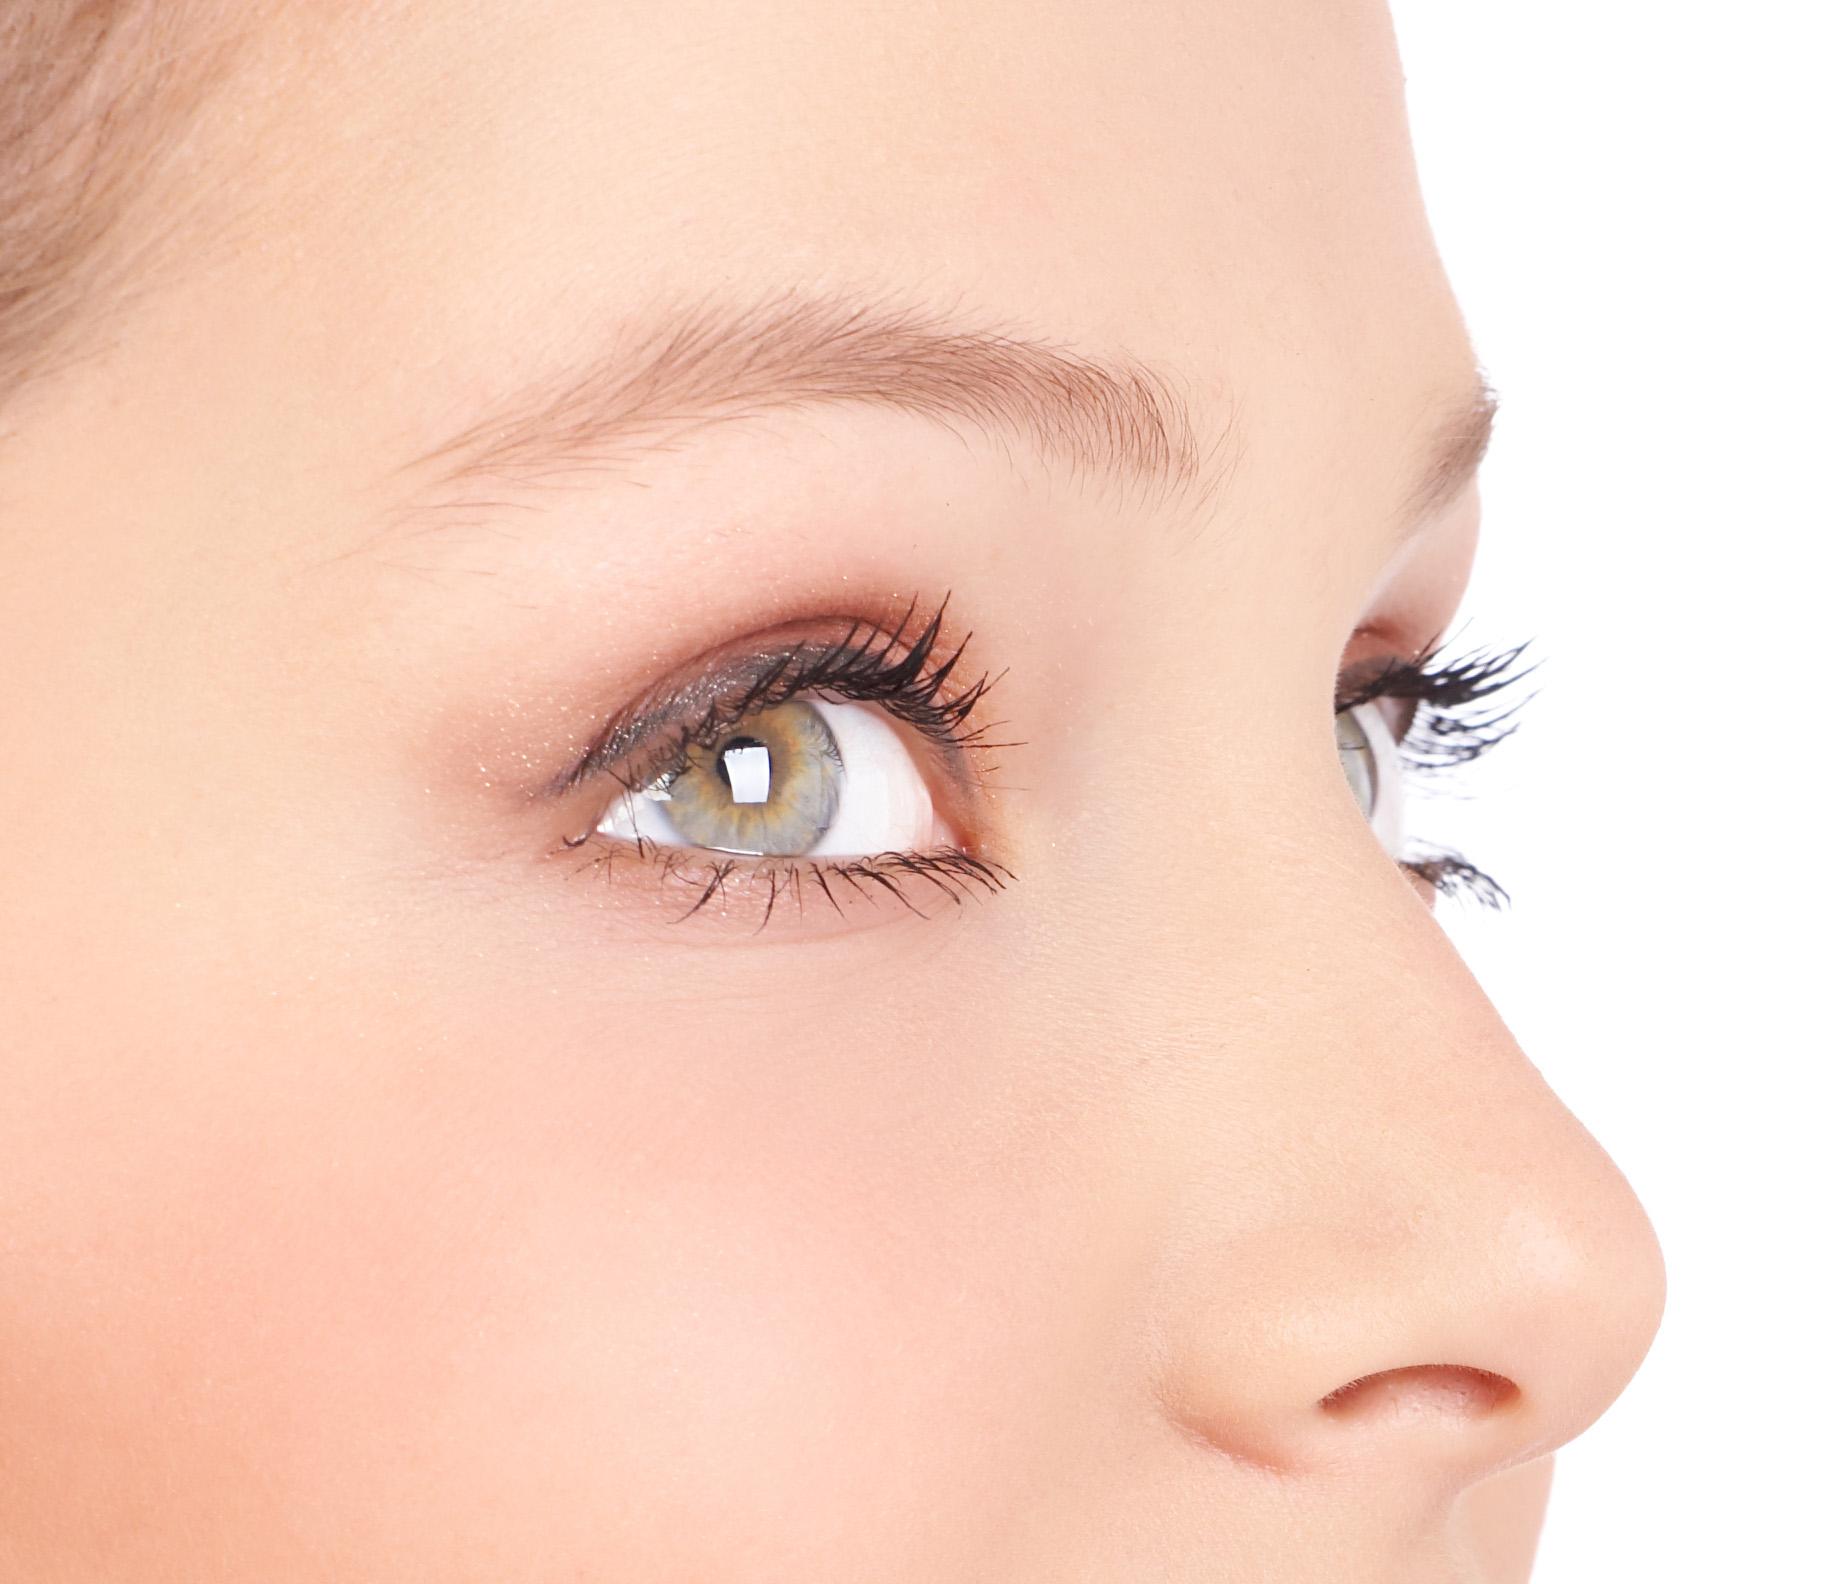 太原丽都【双眼皮整形活动】埋线双眼皮 自然美丽